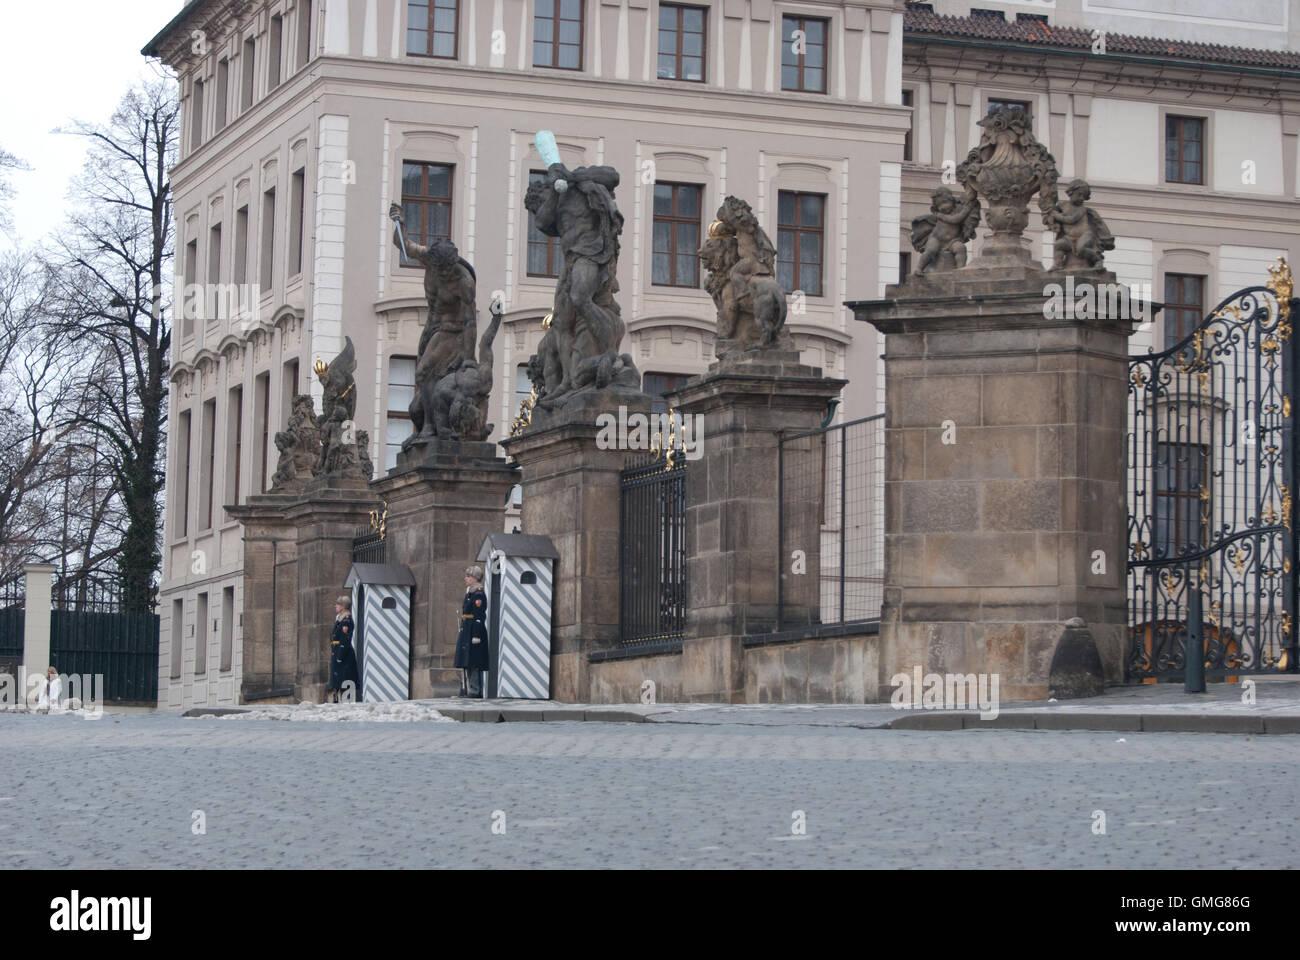 Entrata al Palazzo Reale, il Castello di Praga, Repubblica Ceca Immagini Stock